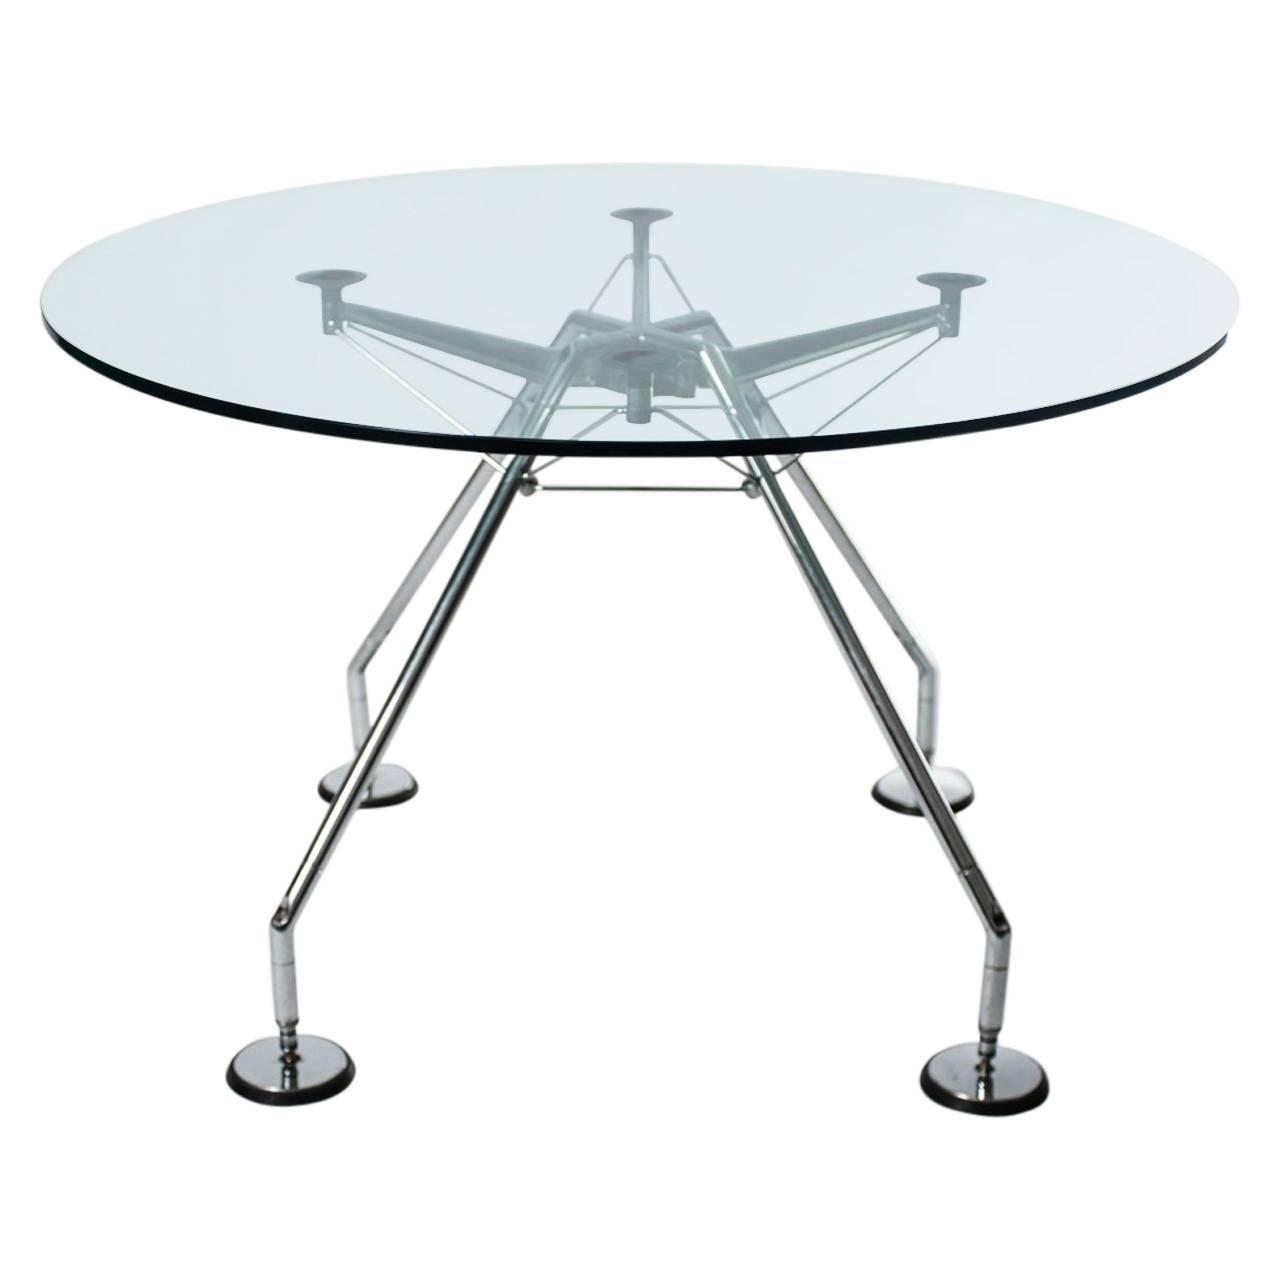 Table Nomos Norman Foster Tecno At 1stdibs